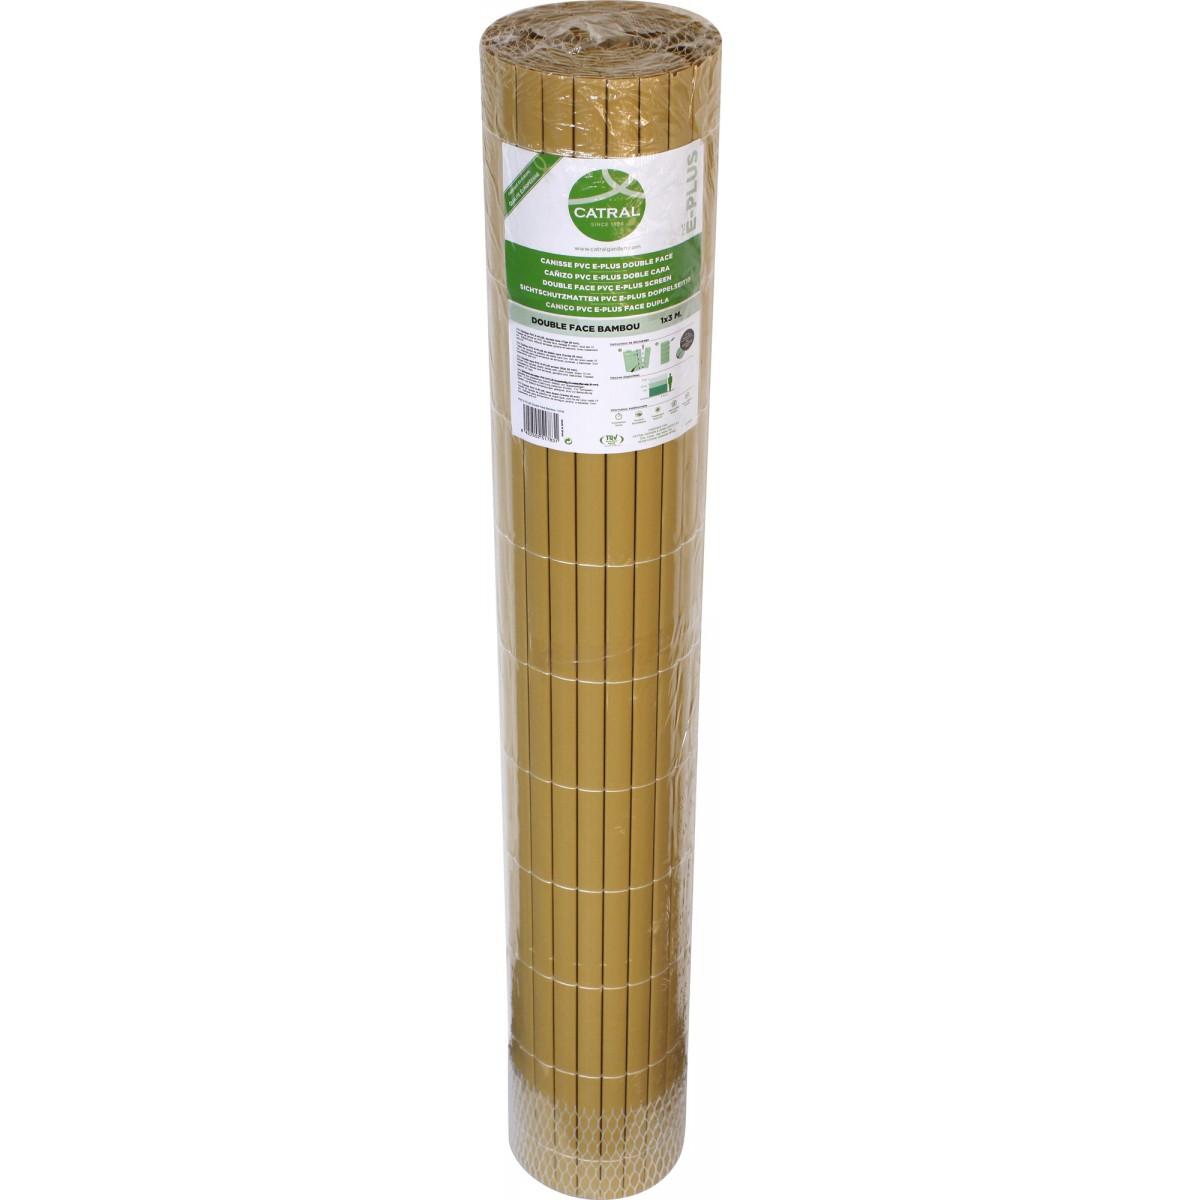 Canisse double face en plastique Catral - Bambou - Longueur 3 m - Hauteur 1,5 m